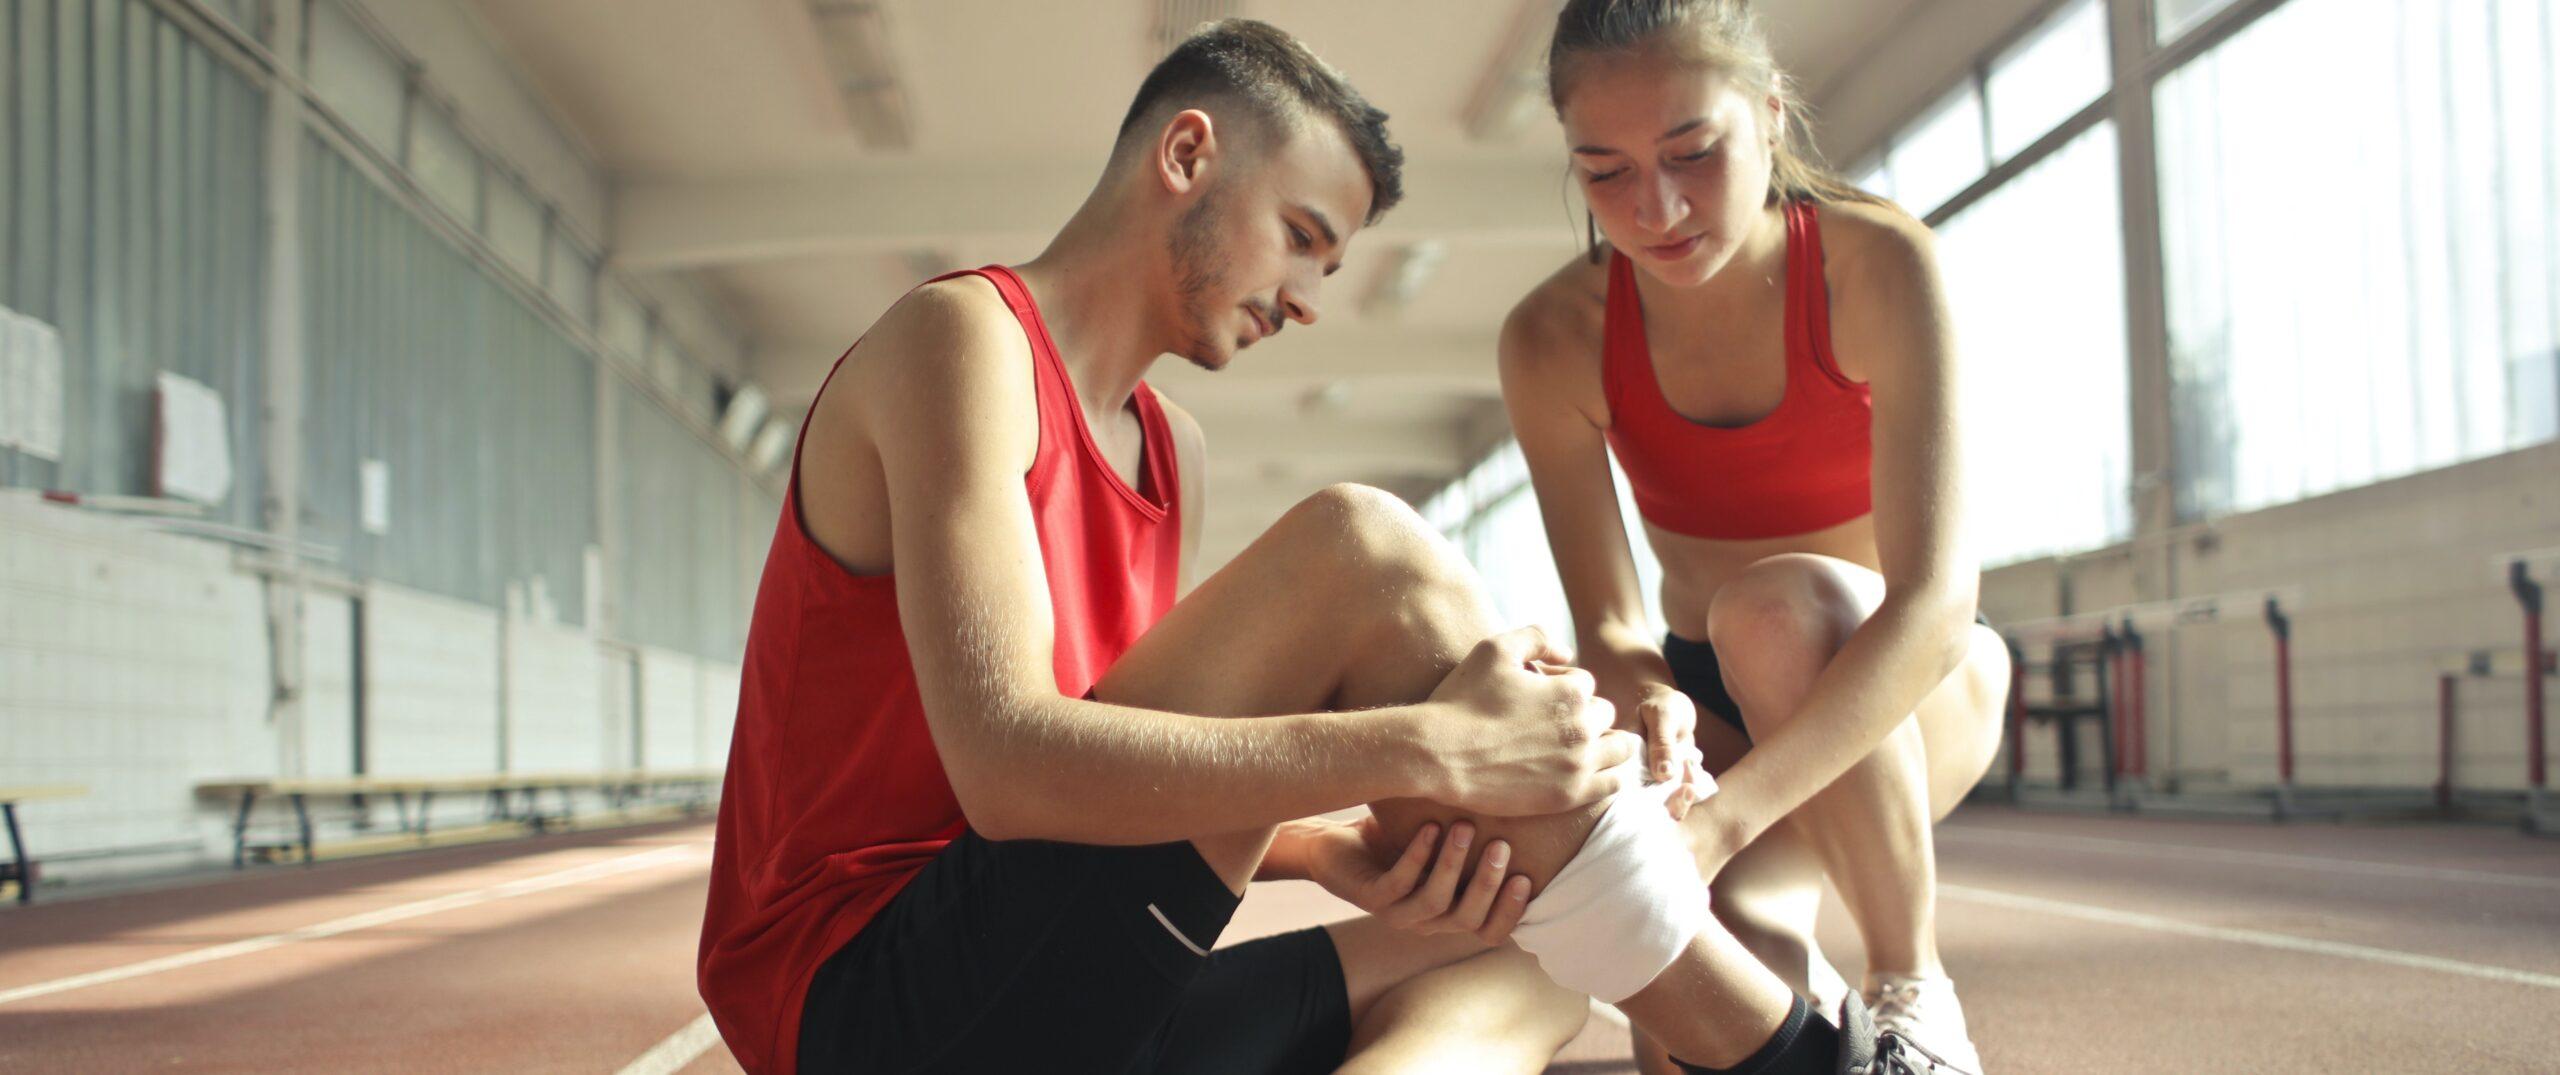 Stosswellentherapie bei Sportverletzung